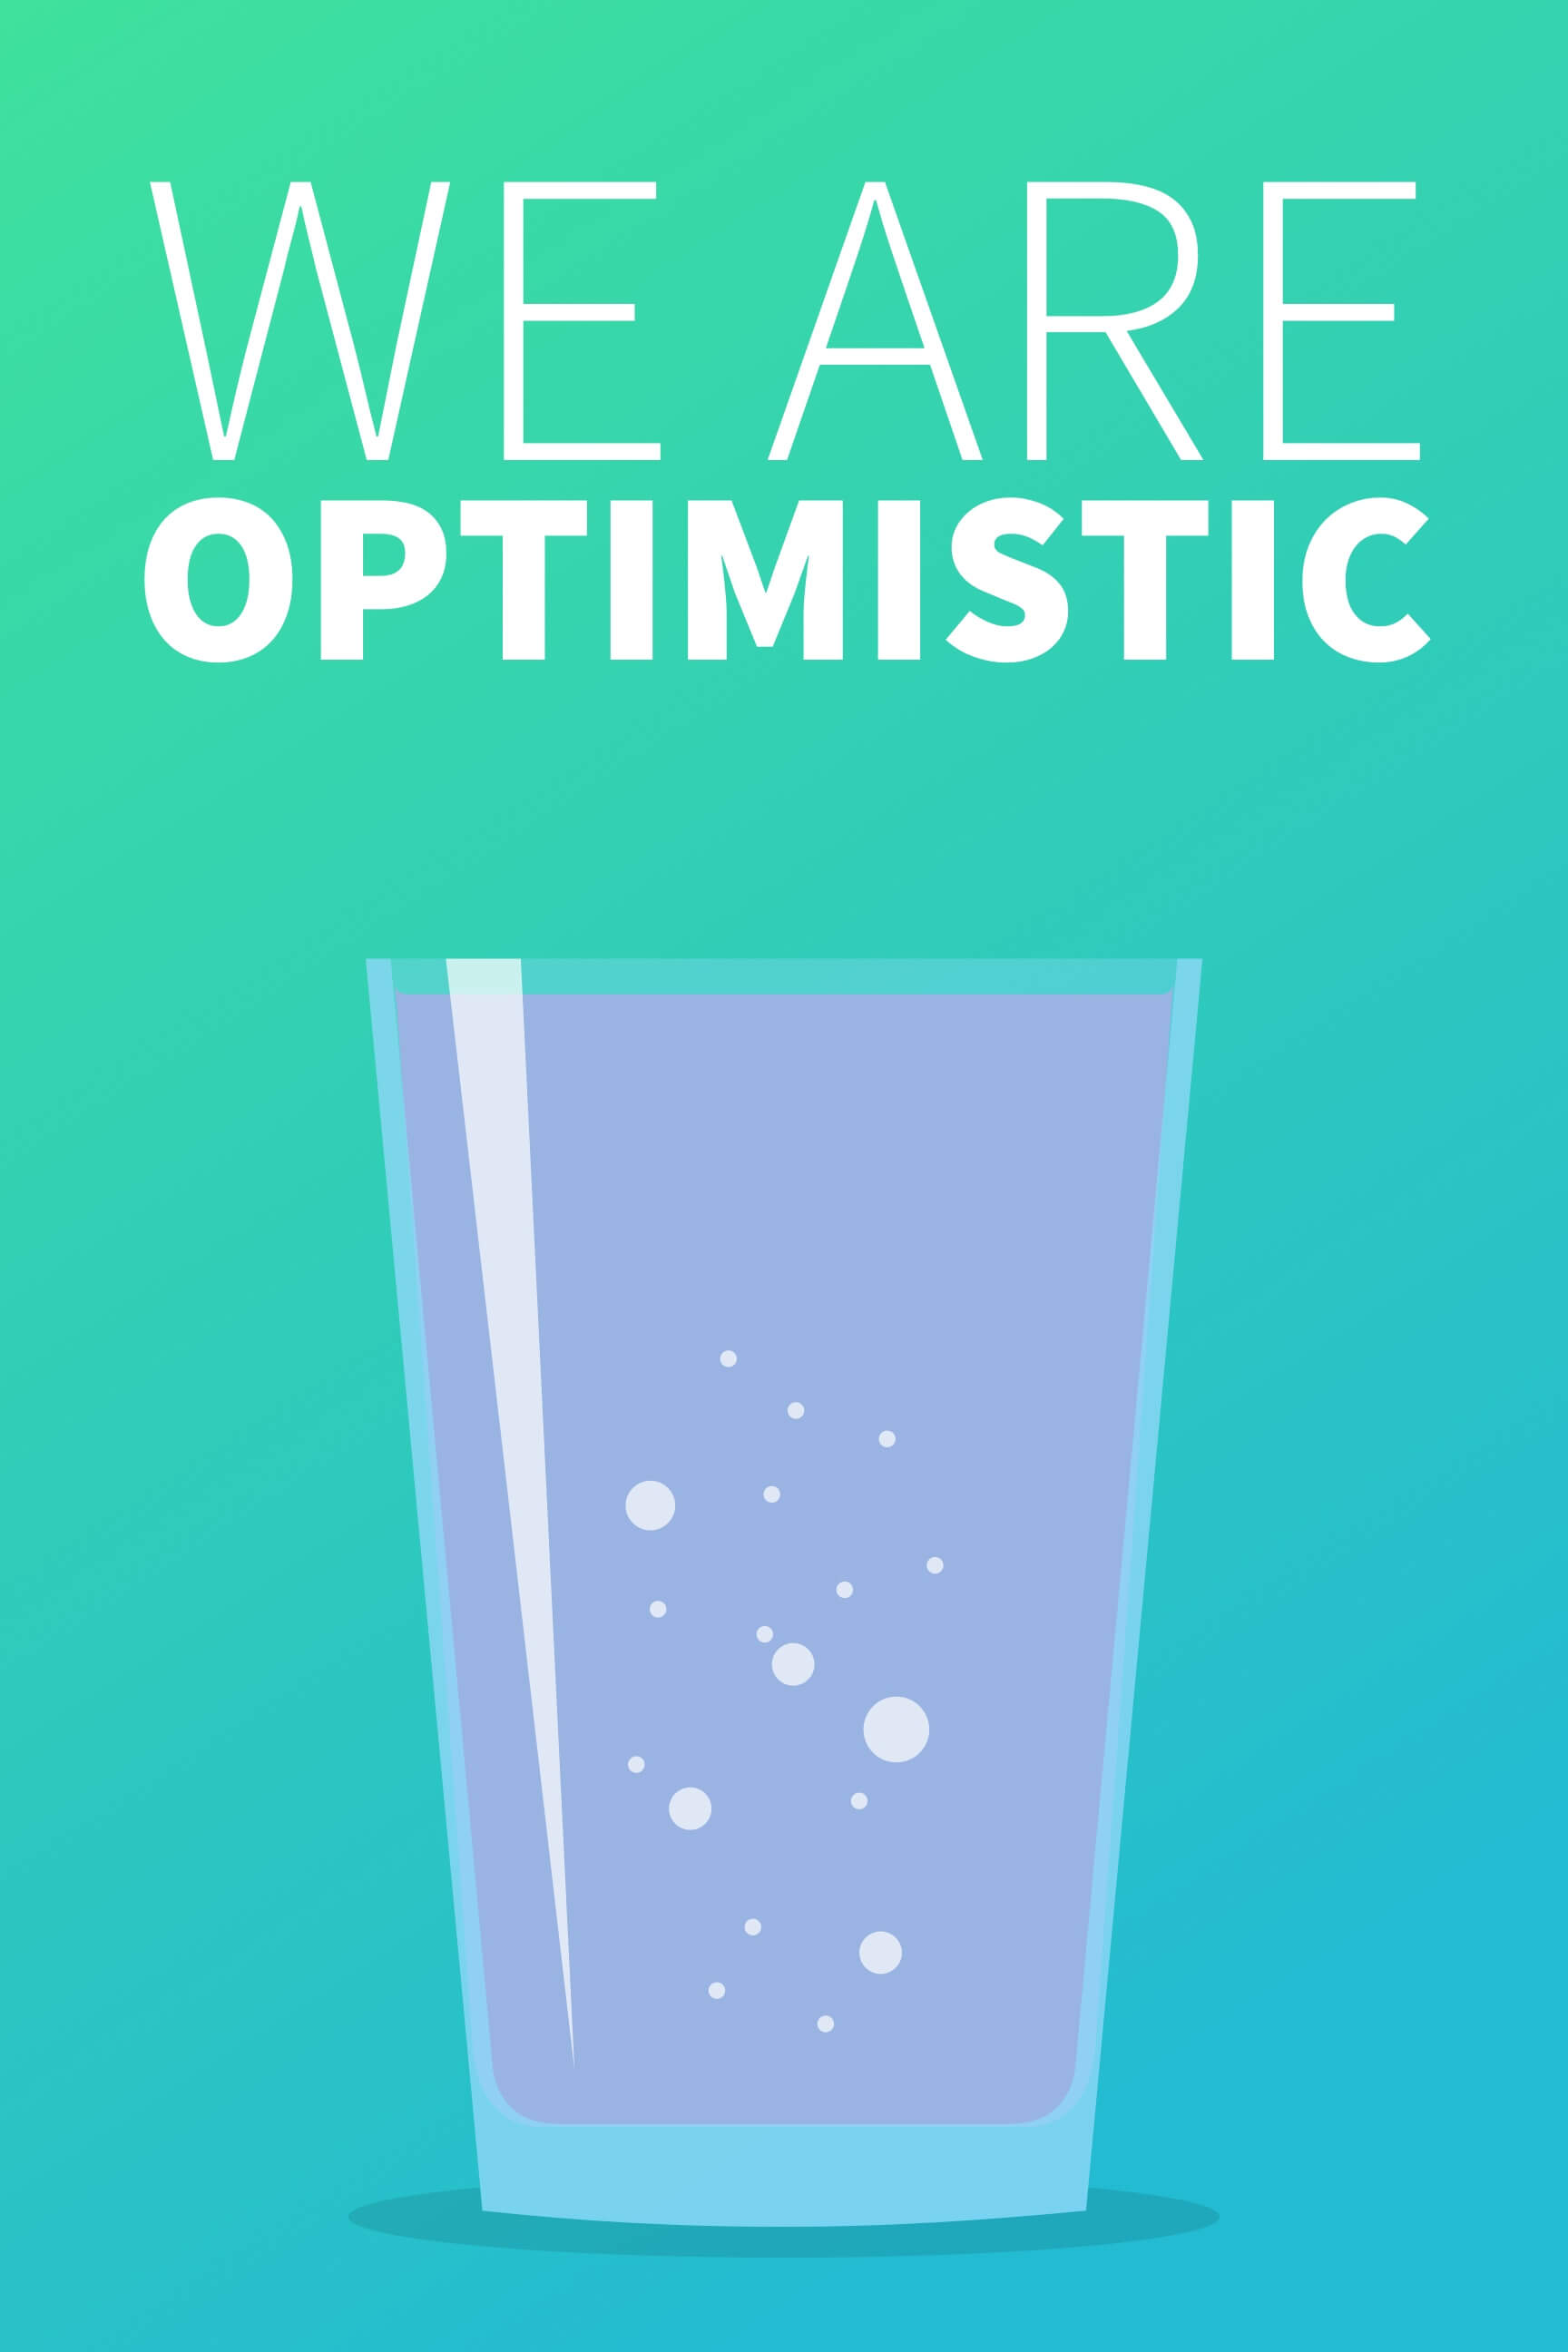 We Are Optimistic